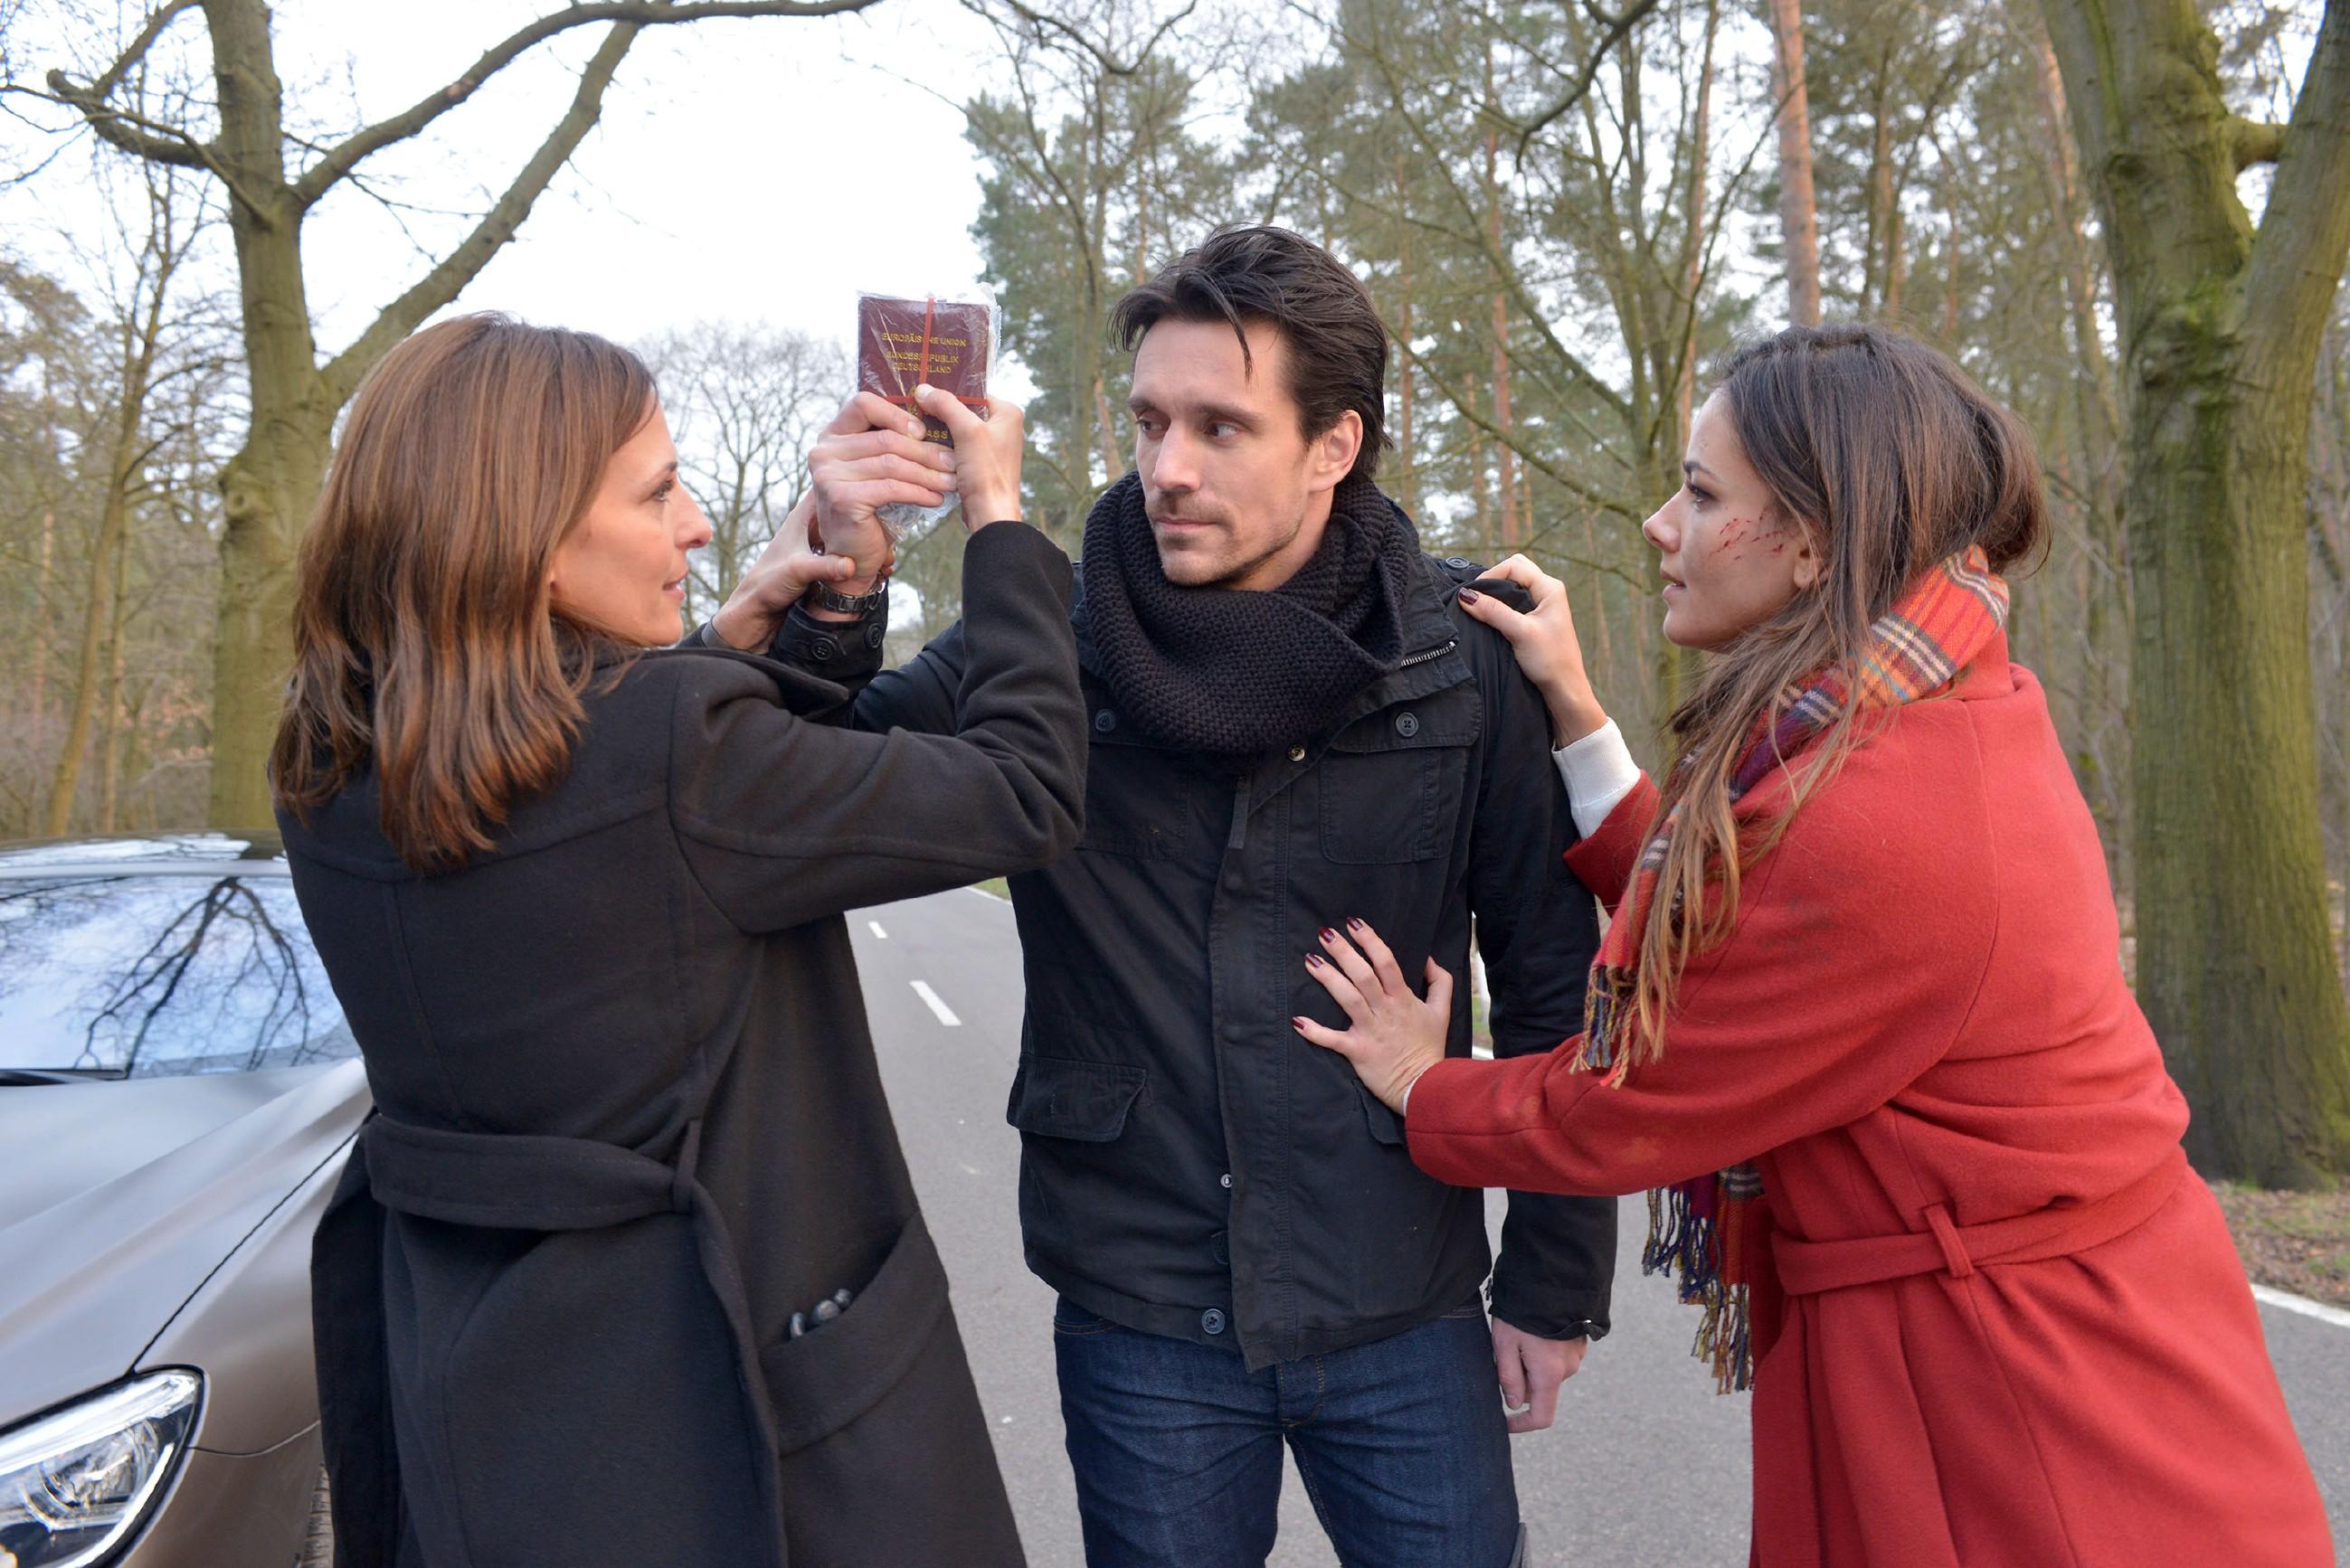 Um ihre Flucht fortzusetzen, versuchen Katrin (Ulrike Frank, l.) und Jasmin (Janina Uhse) mit letzter Kraft ihre Reisepässe von David (Philipp Christopher) zu bekommen... (Quelle: RTL / Rolf Baumgartner)